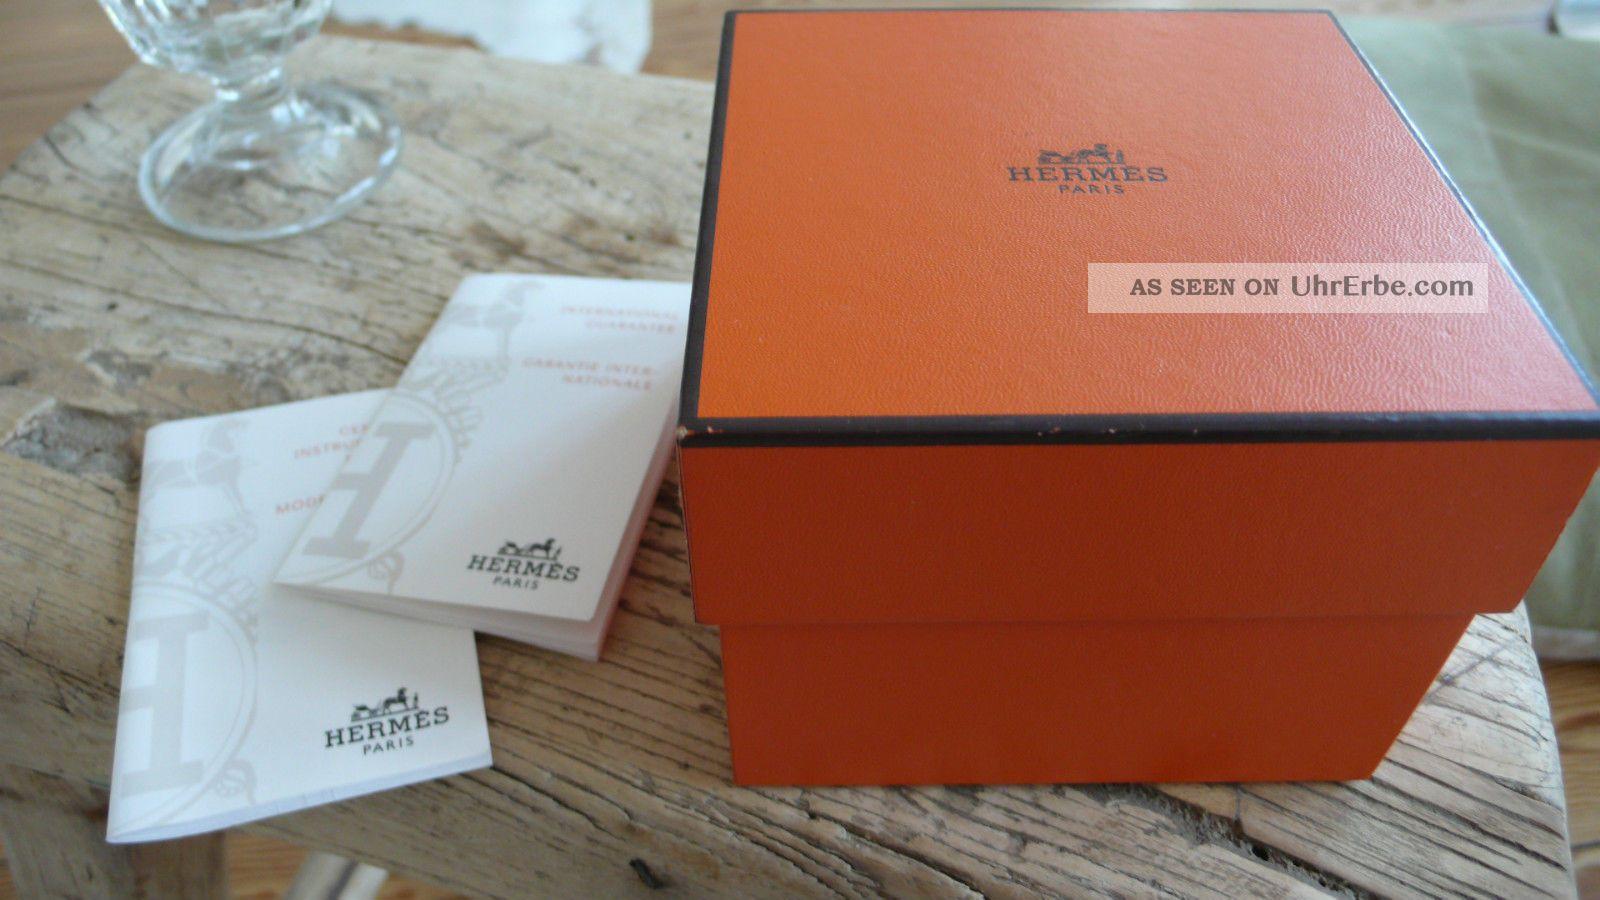 herm s hermes paris cape cod montre uhr automatic mit box. Black Bedroom Furniture Sets. Home Design Ideas